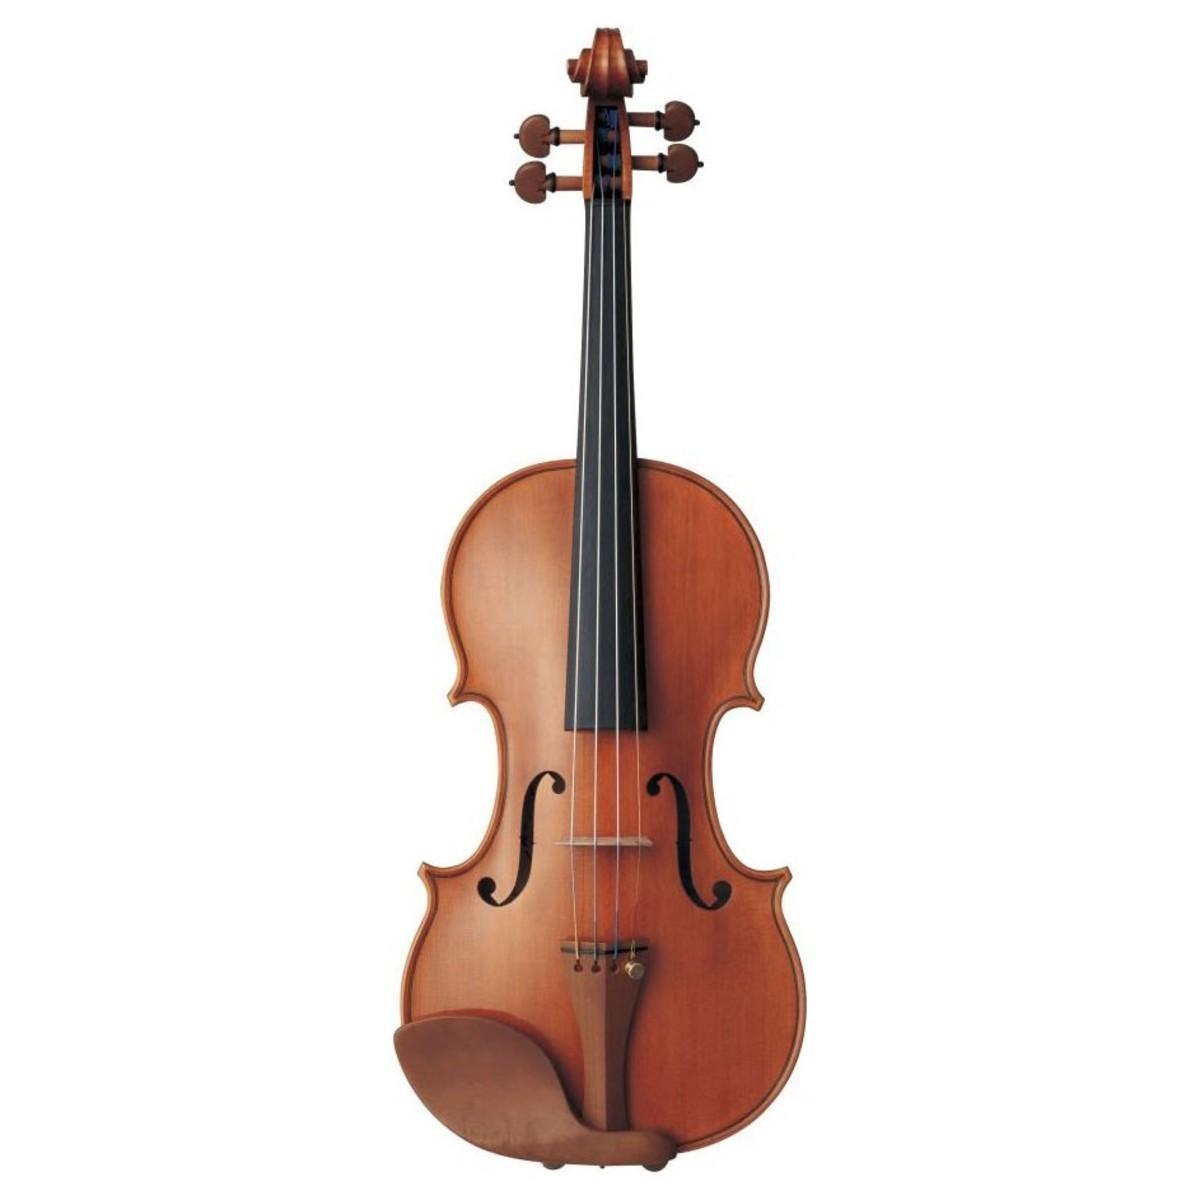 Yamaha Deluxe Violin Av